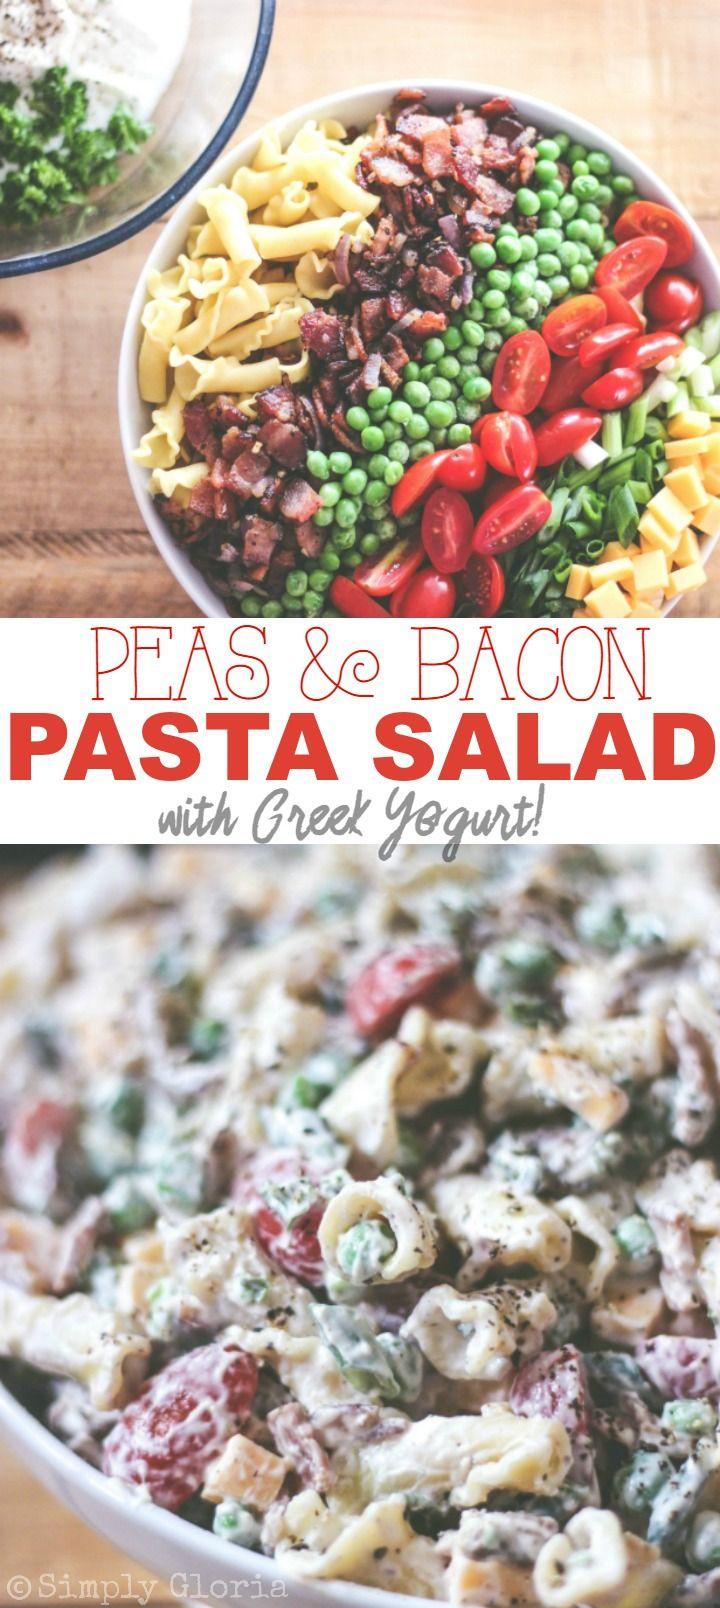 Bacon pasta salad recipes